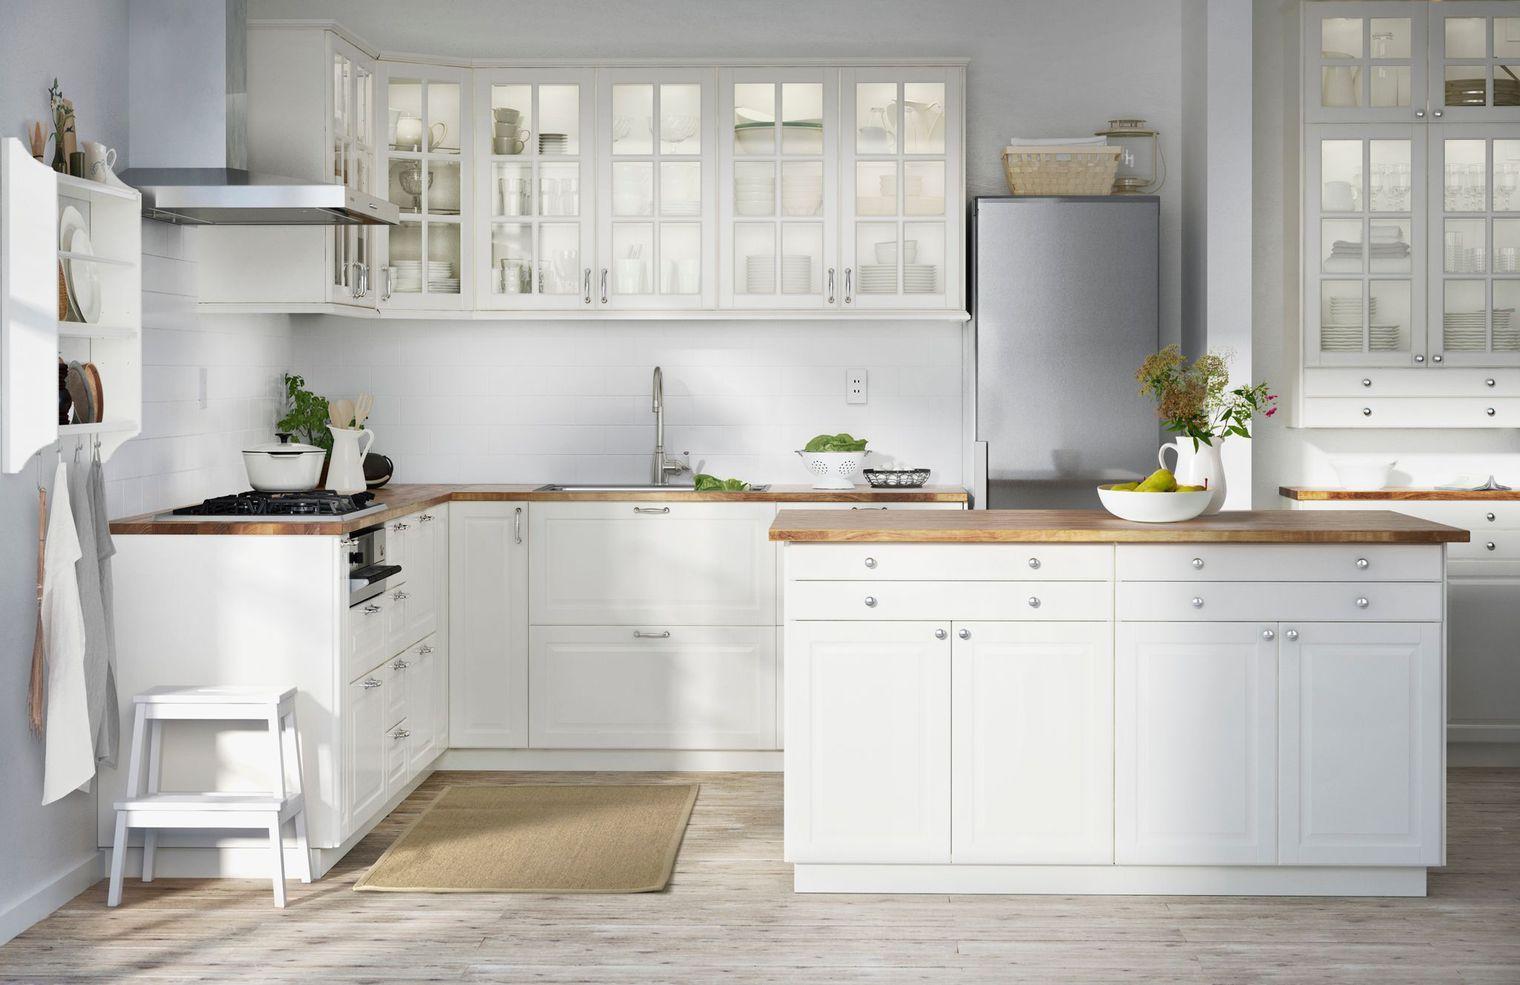 Beste Ikea Küche Toronto Design Show 2015 Fotos - Ideen Für Die ...